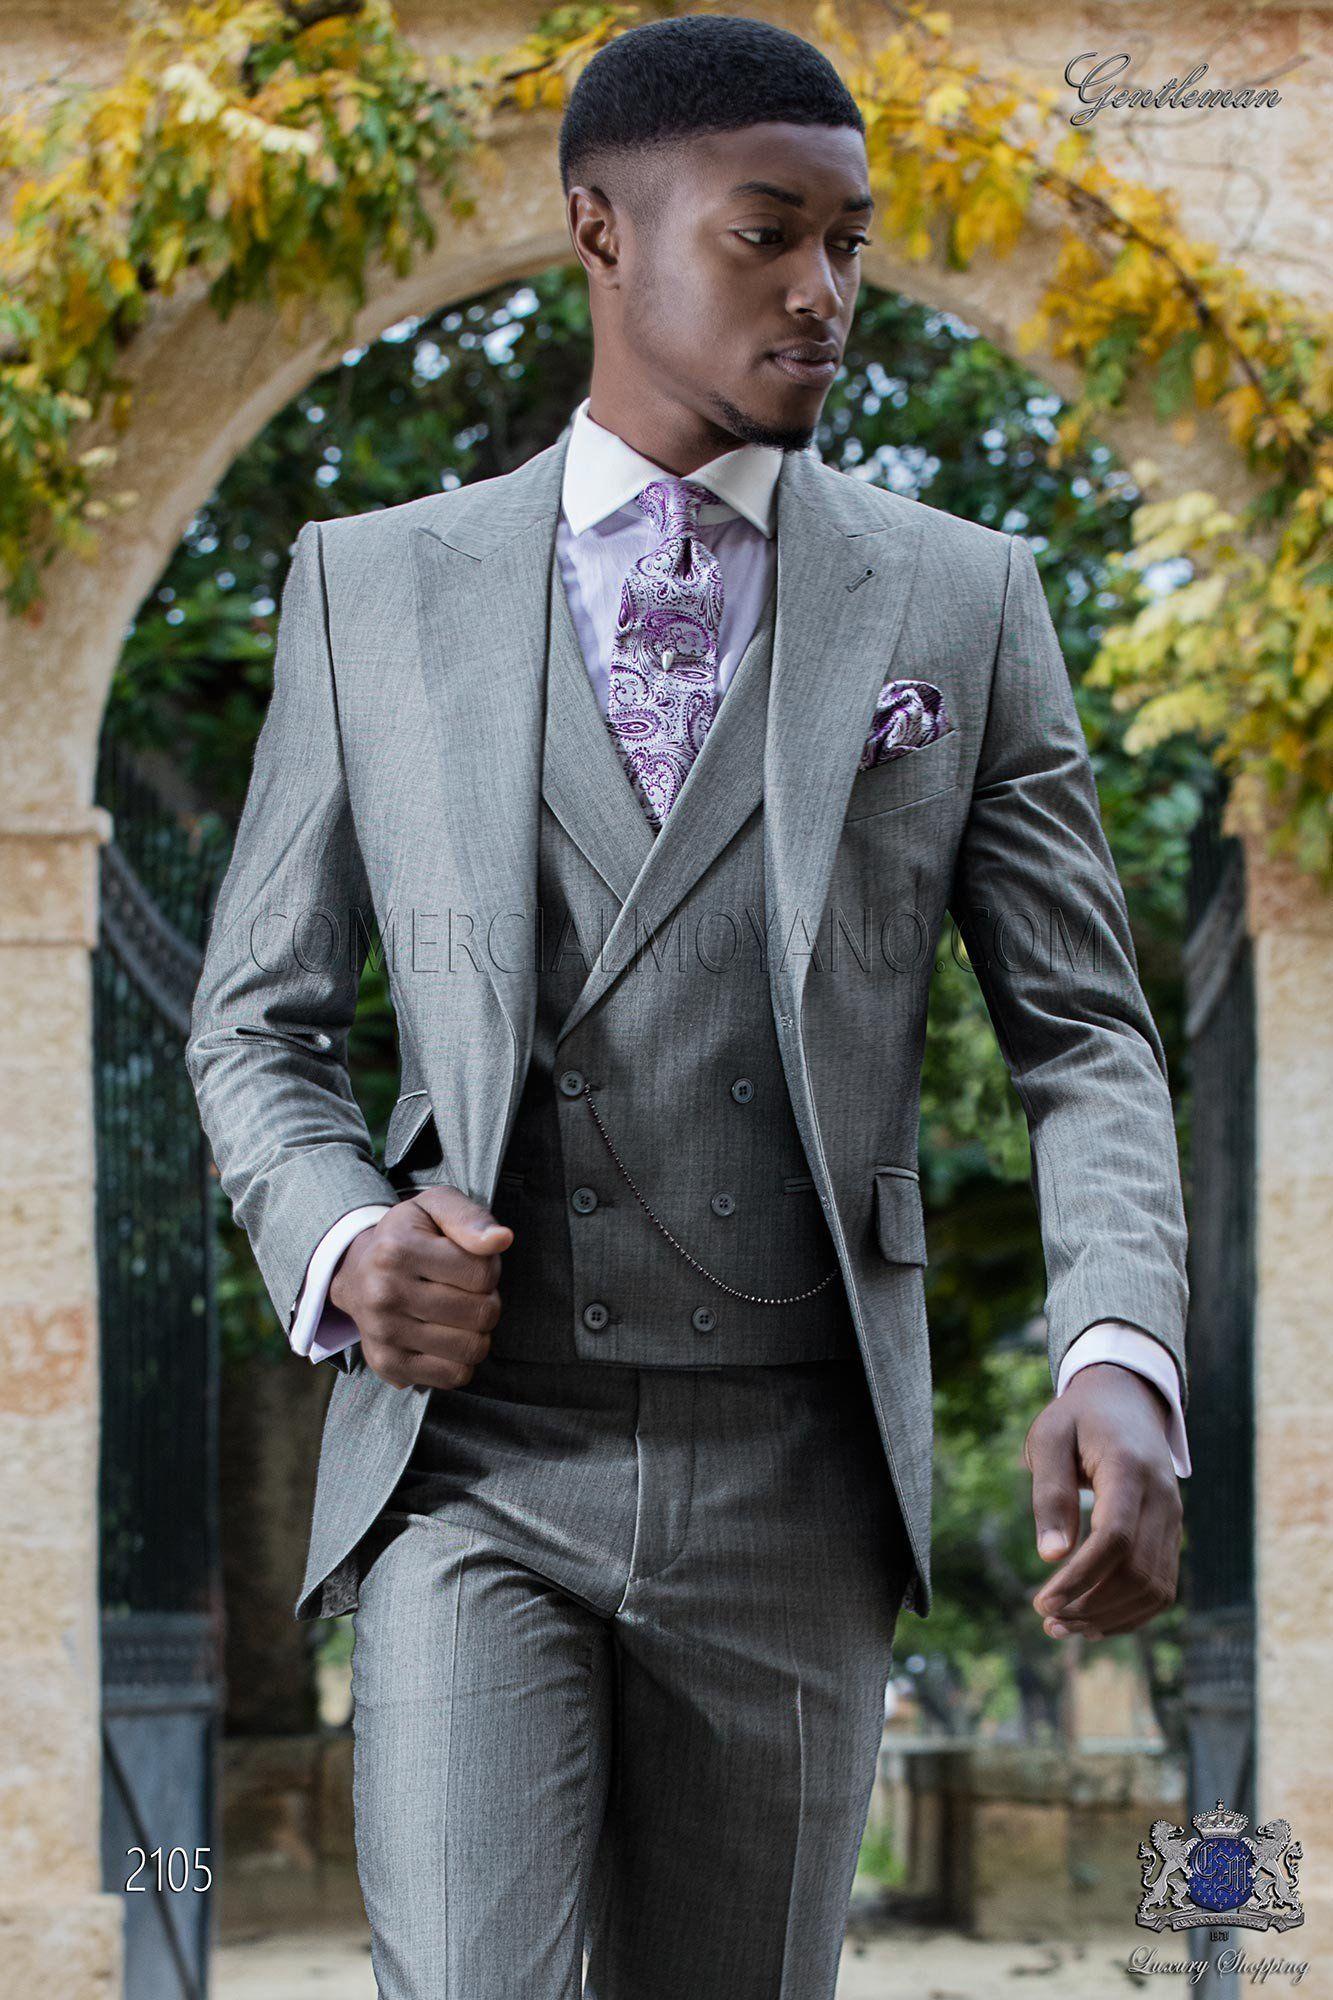 Traje italiano a medida gris claro mixto lana mohair alpaca. Traje de novio  2105 Colección d17d9719e379